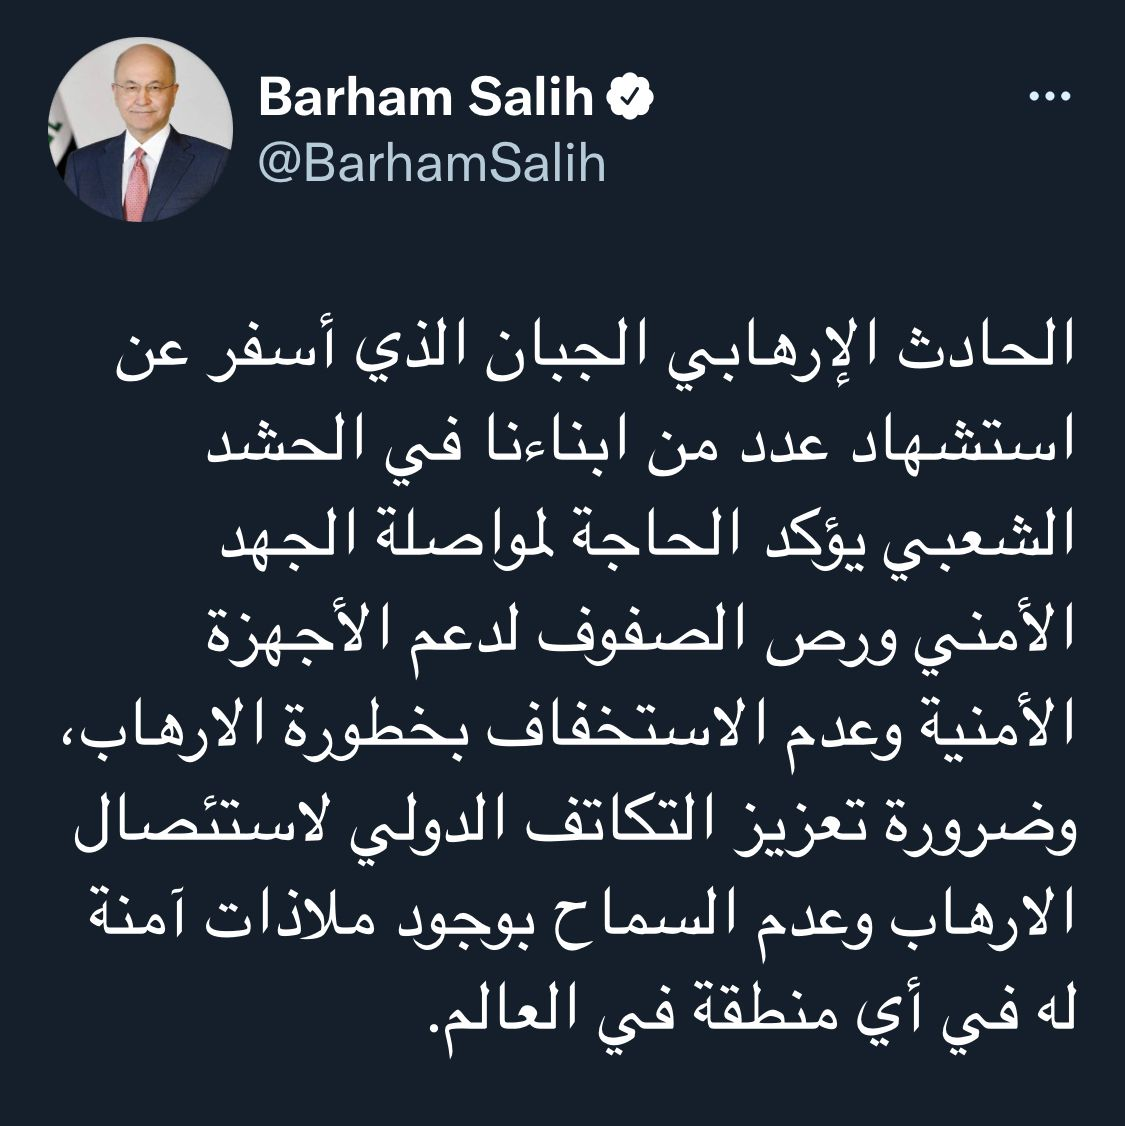 رئيس الجمهورية يحذر من الاستخفاف بخطورة الارهاب